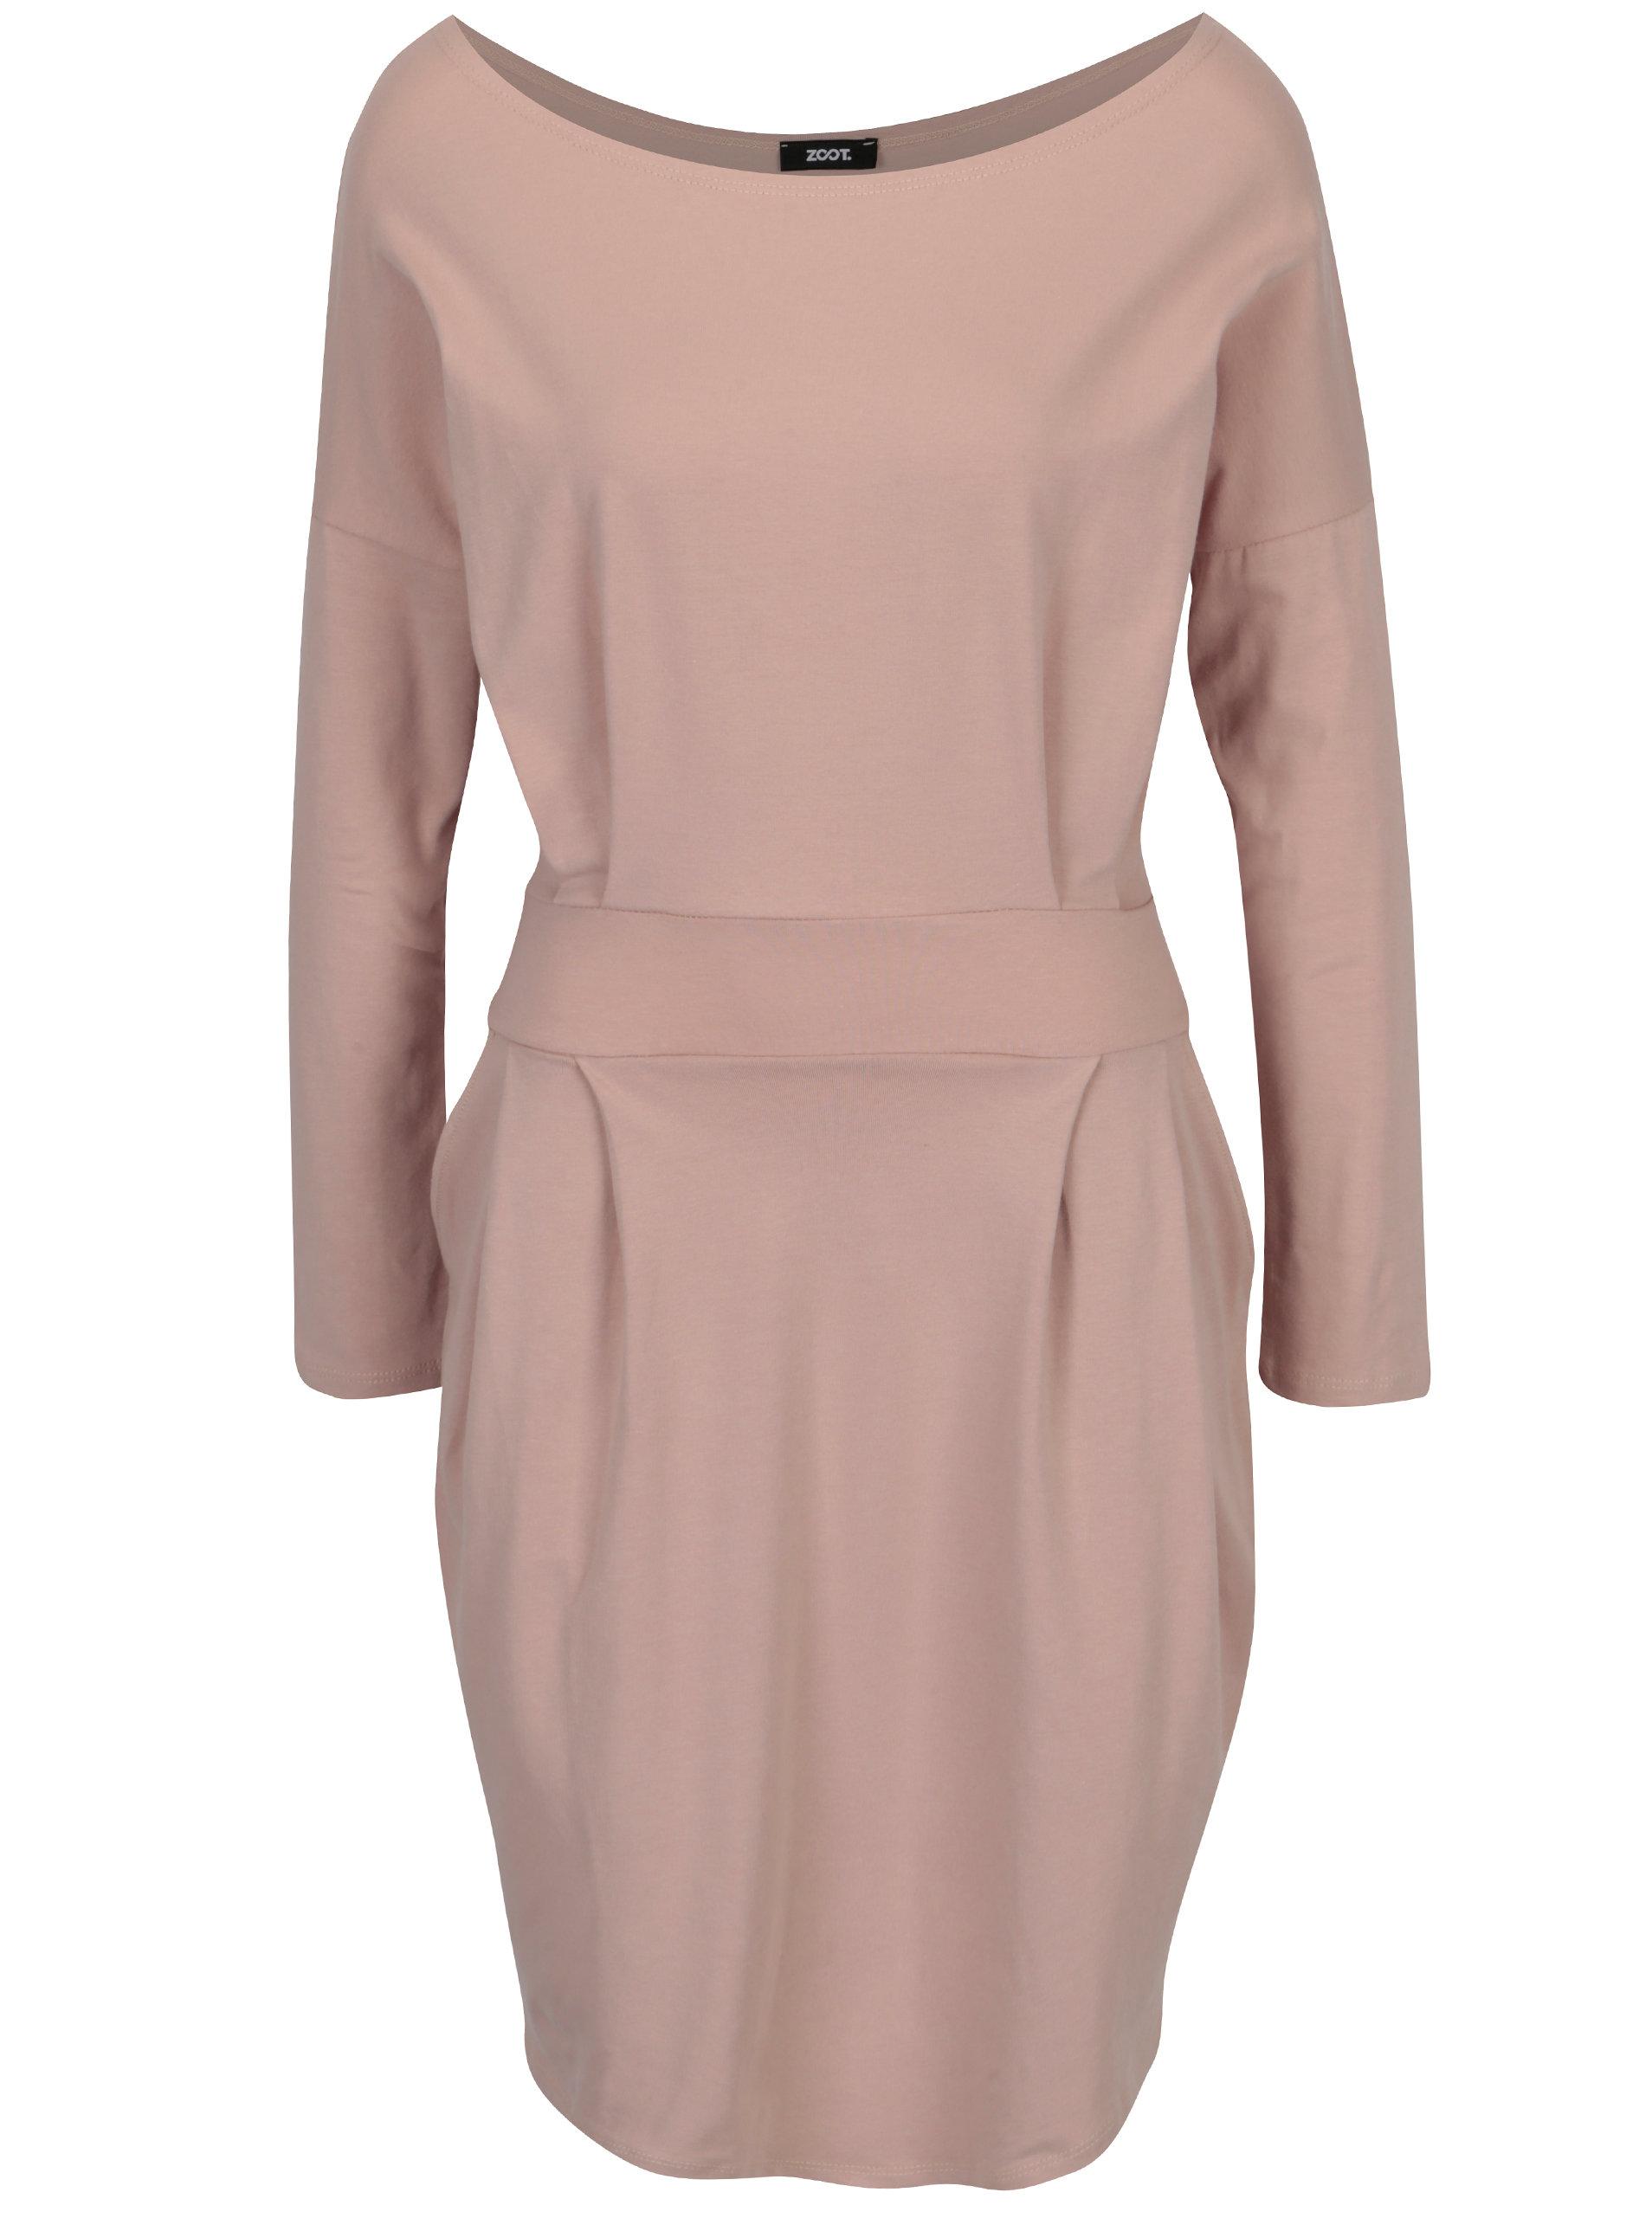 d38febd7c4c5 Světle růžové pouzdrové šaty s kapsami a dlouhým rukávem ZOOT ...